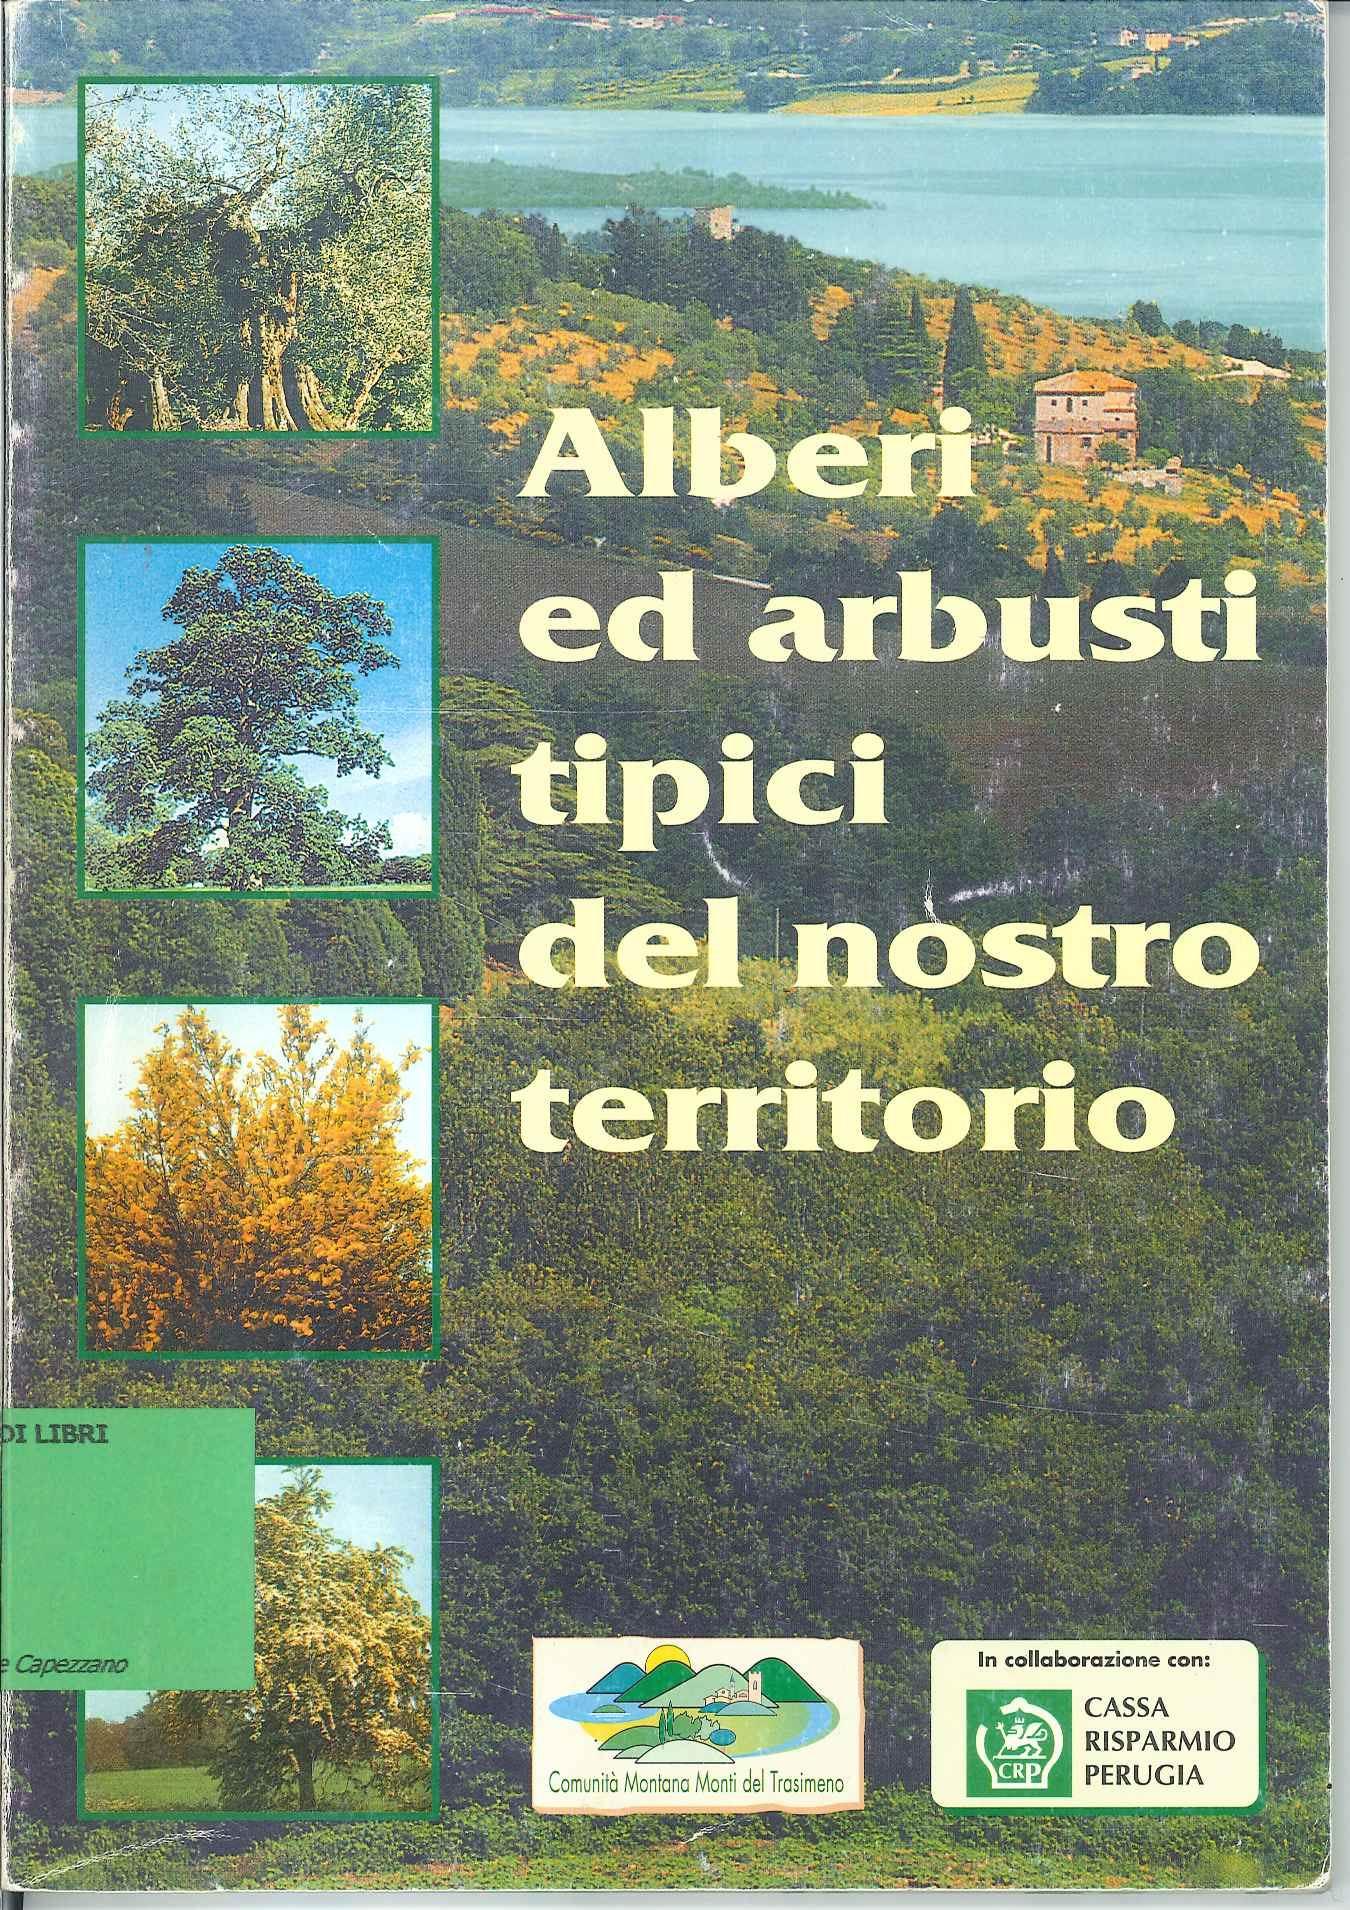 Alberi ed arbusti del nostro territorio